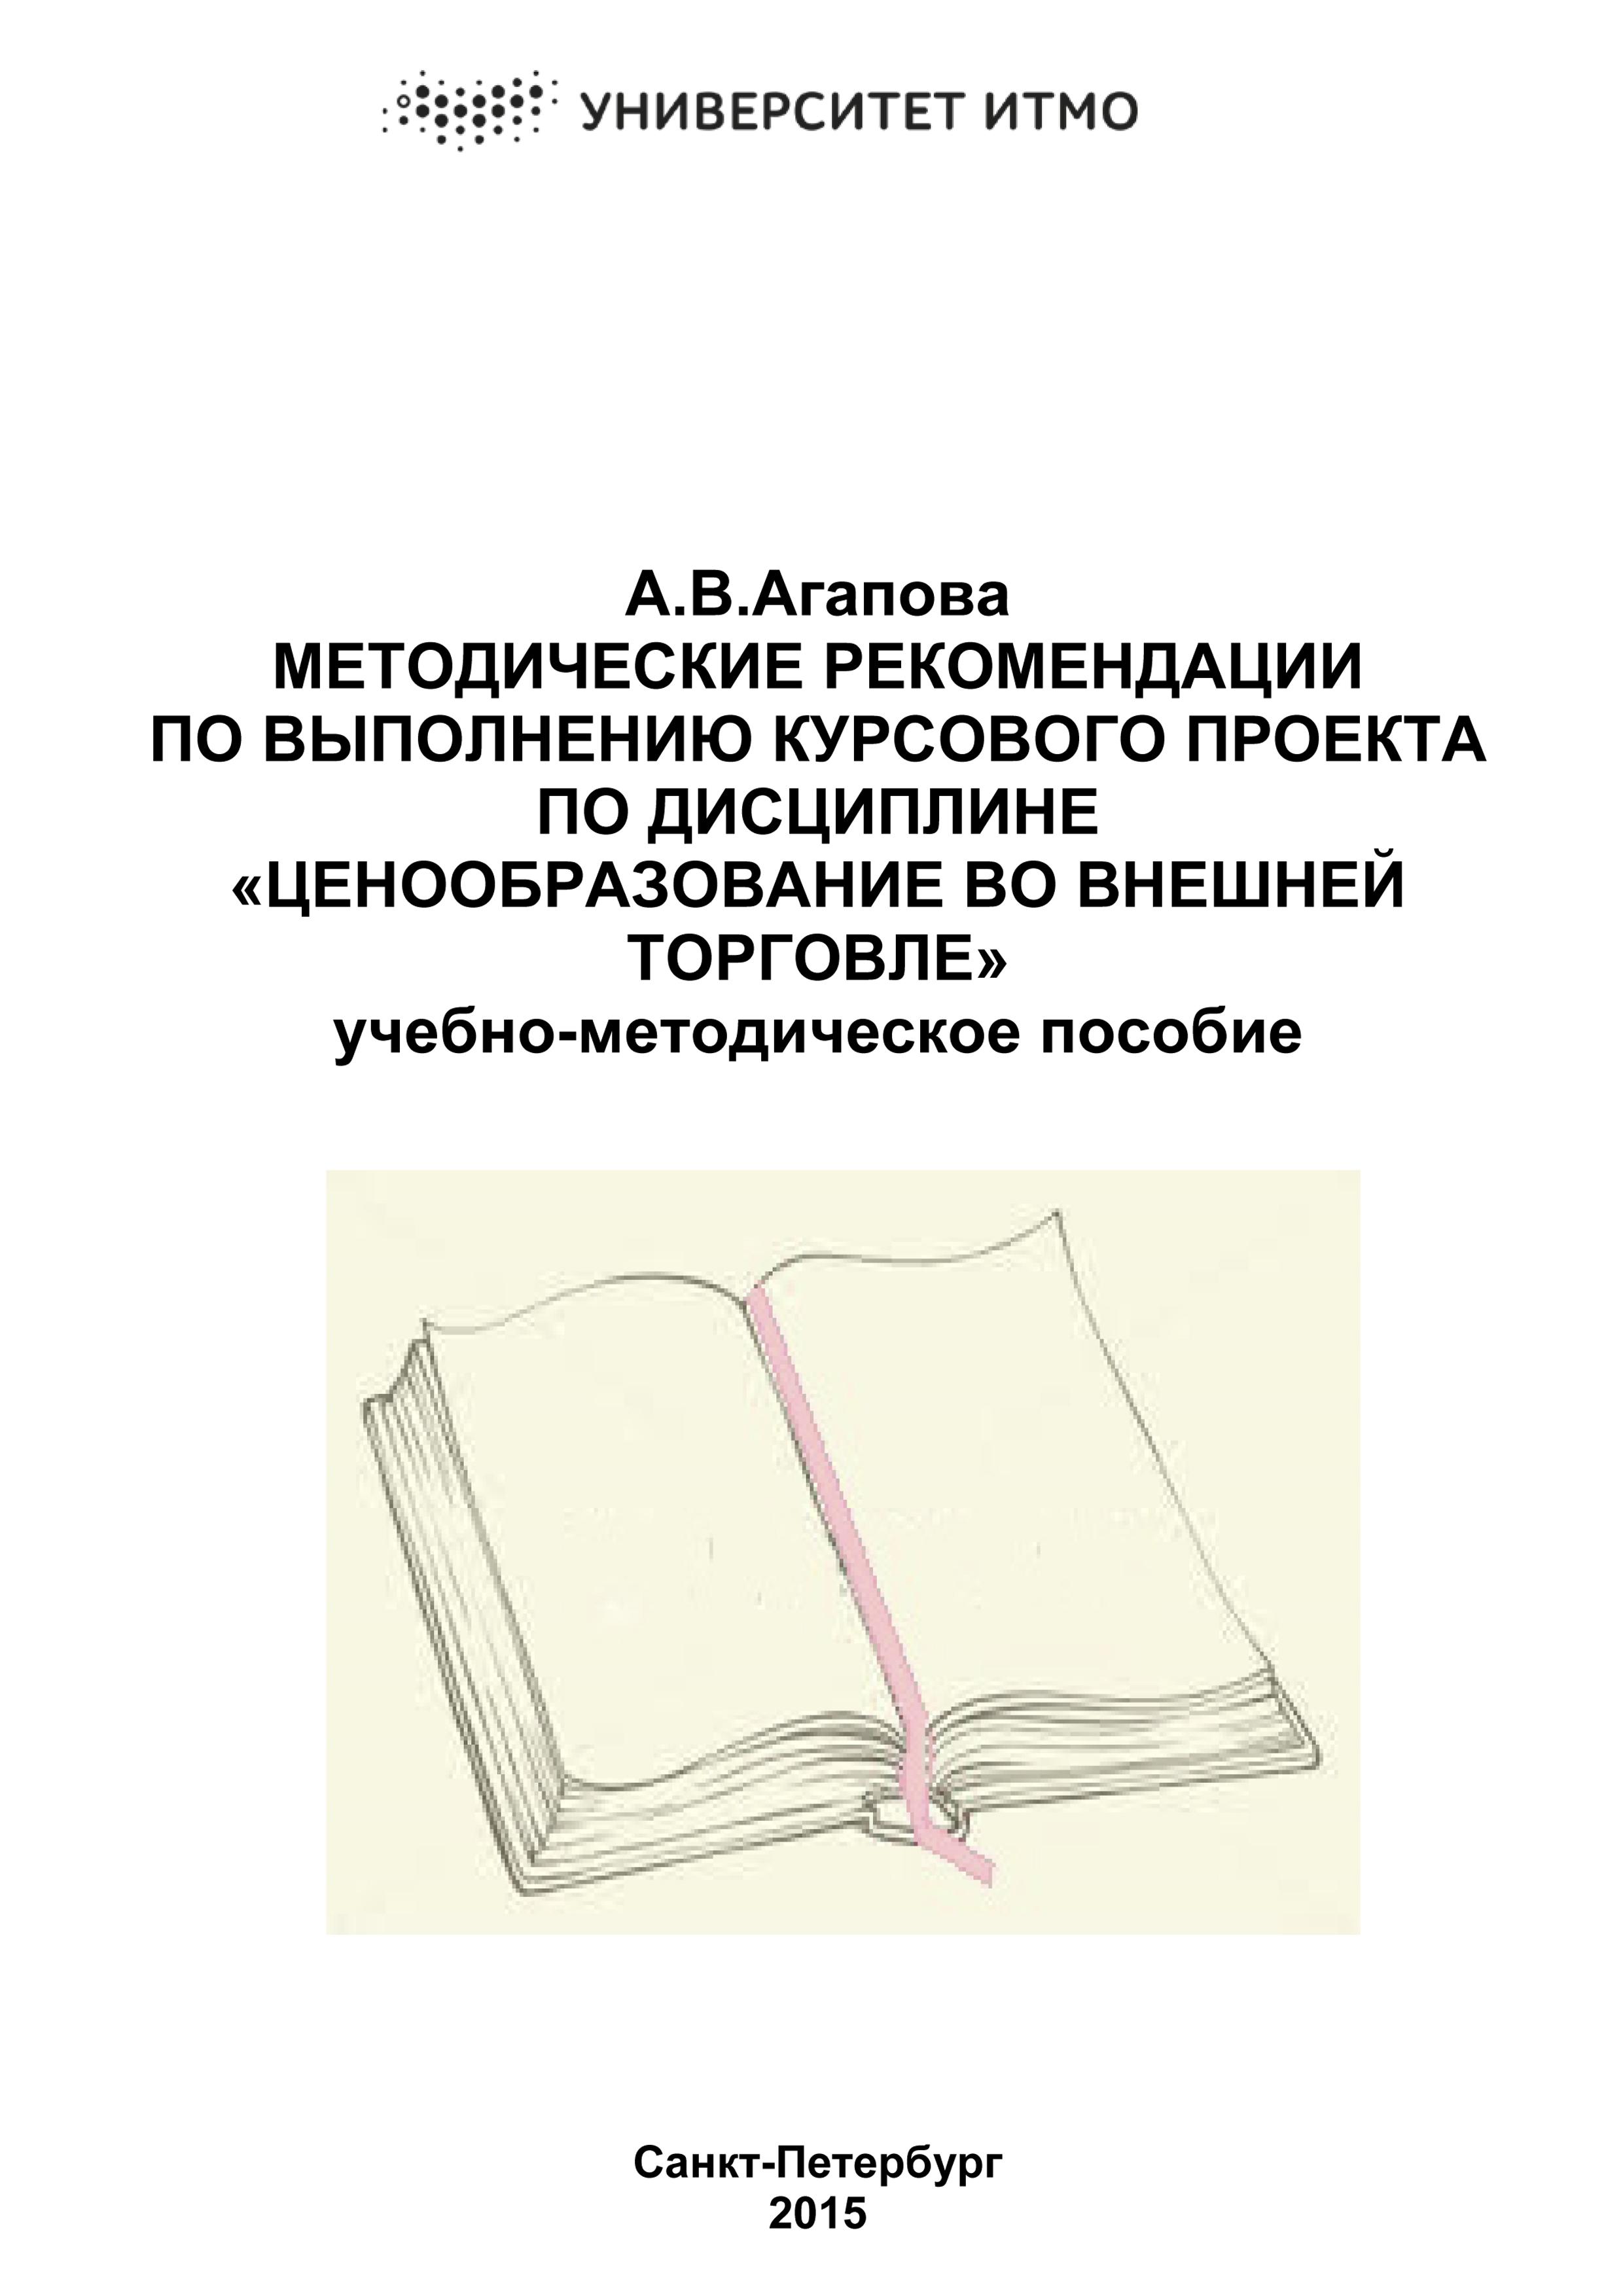 Методические рекомендации для курсового проекта 8329